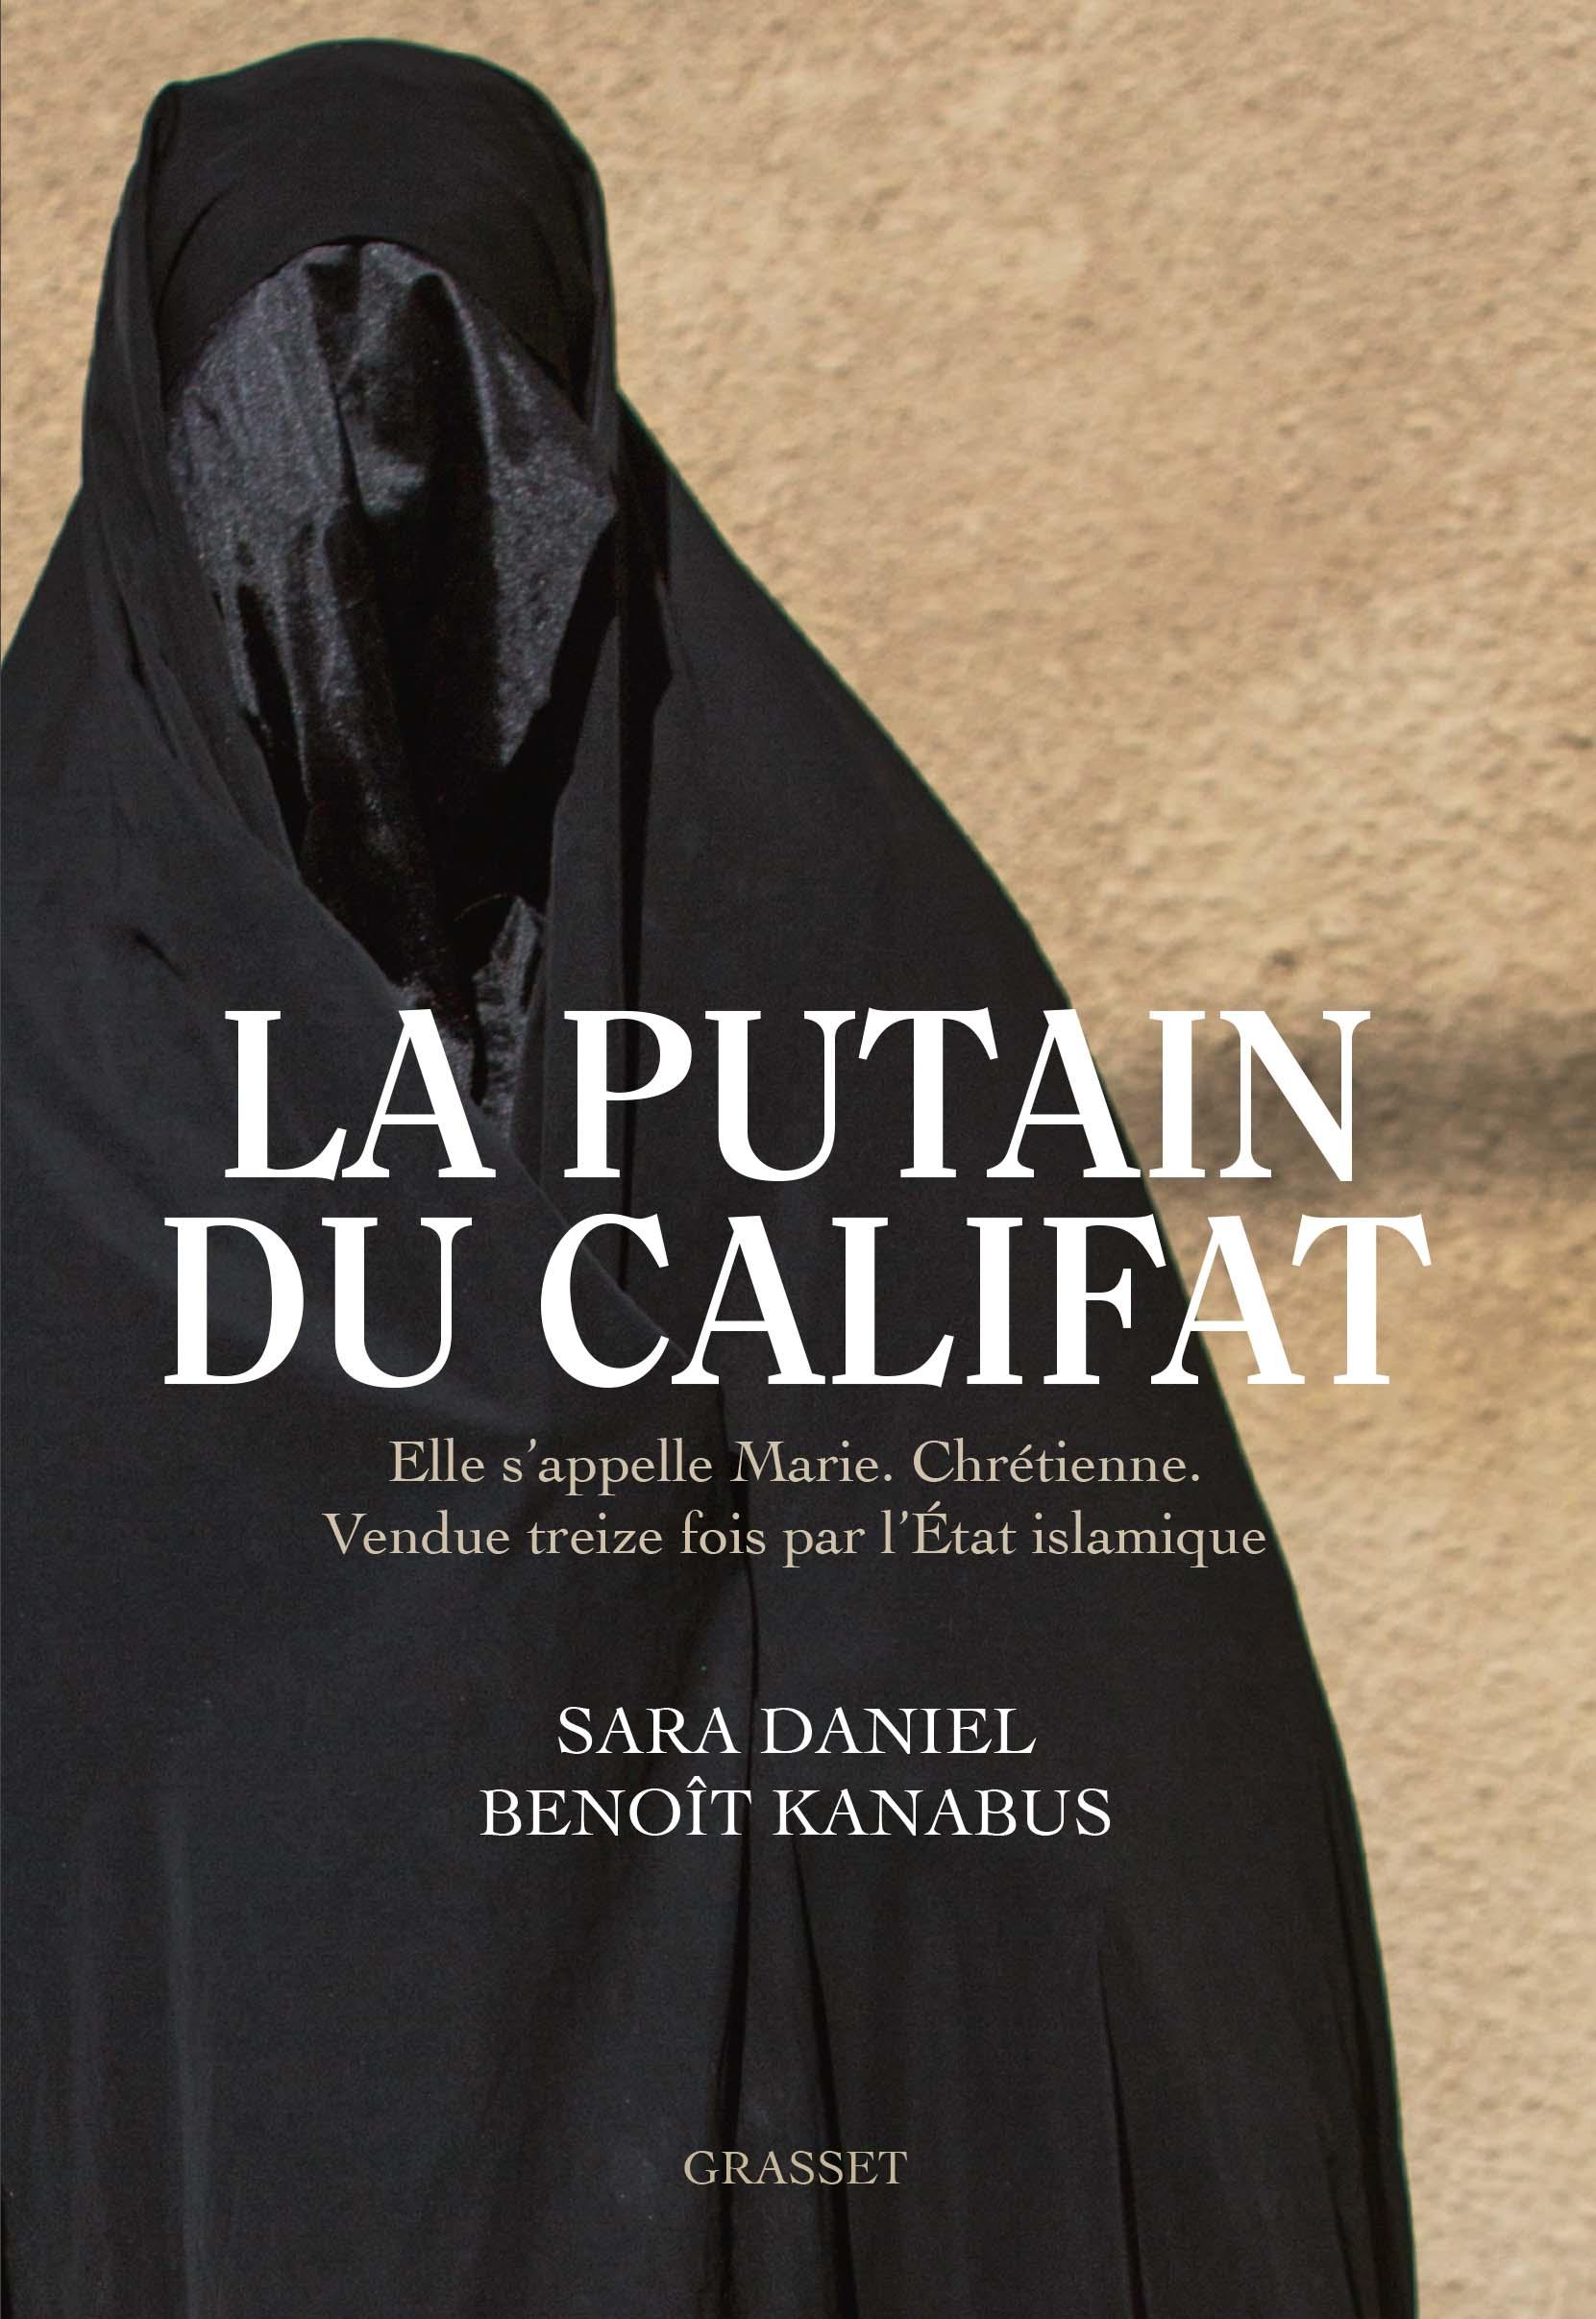 La putain du Califat : elle s'appelle Marie, chrétienne, vendue treize fois par l'Etat Islamique., Daniel, Sara